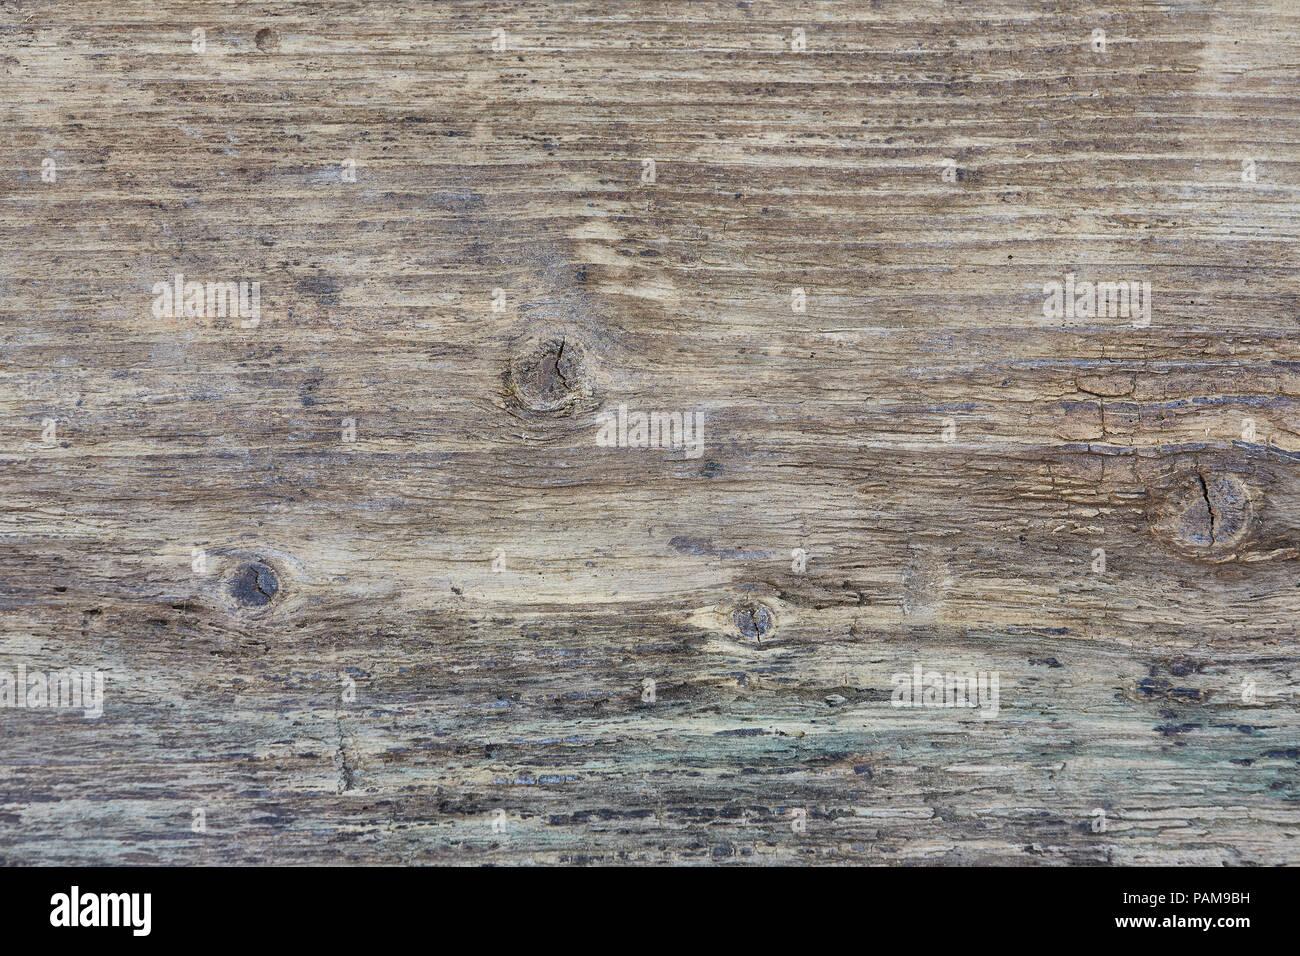 Un fotograma completo de cerca de un trozo de pino antiguo que tiene ...